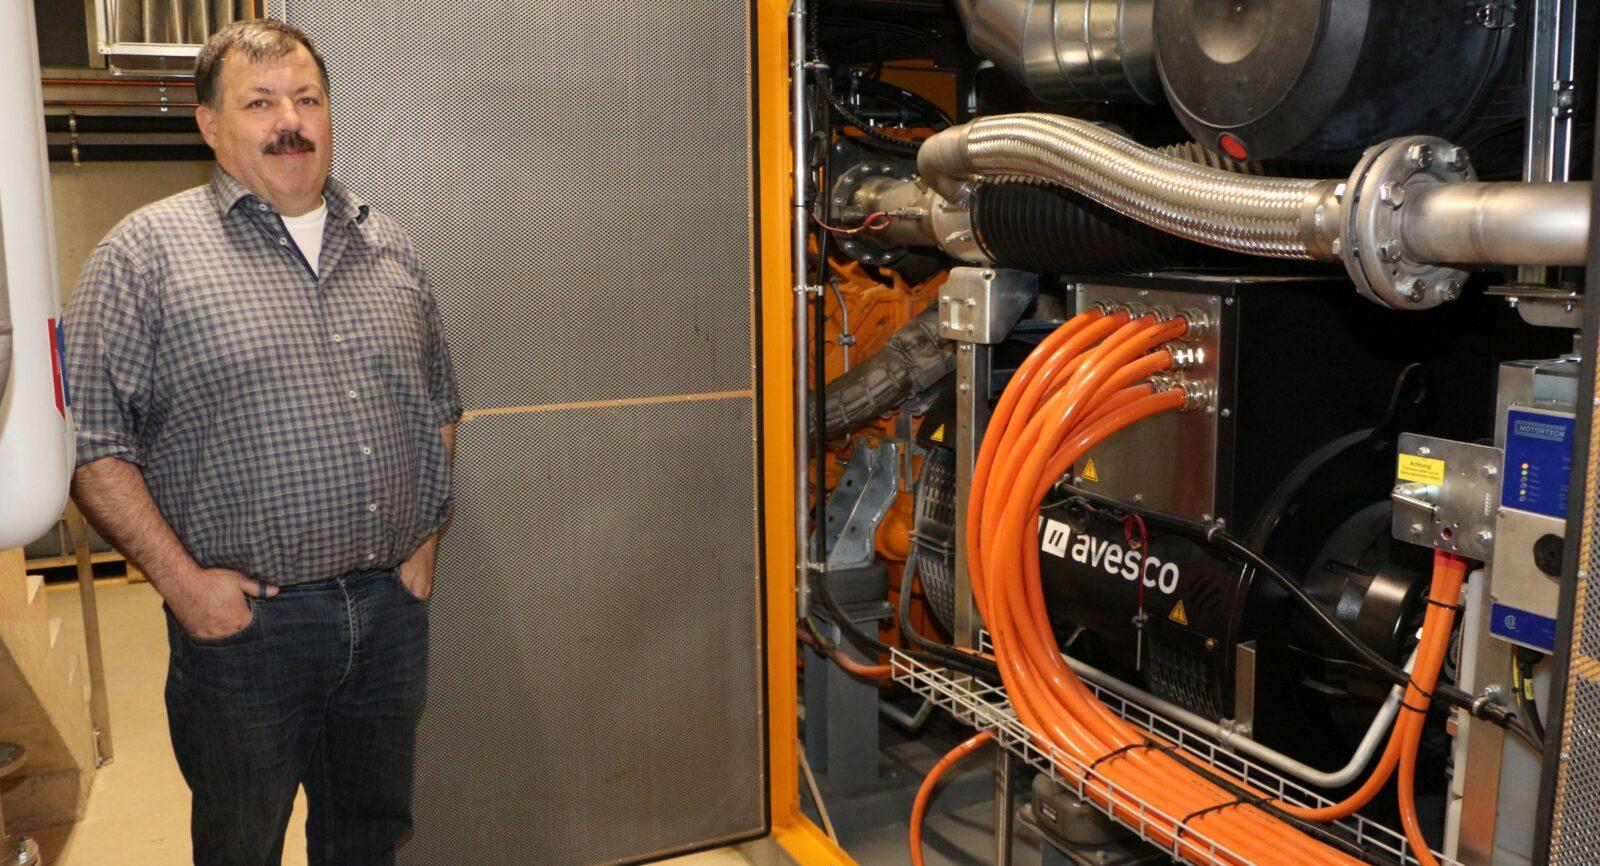 Das nagelneue Blockheizkraftwerk steht seit Beginn 2020 im Untergeschoss. Martin Götschi, Geschäftsführer der Käserei Götschi AG ist damit auch zum Gasnetzbetreiber geworden.